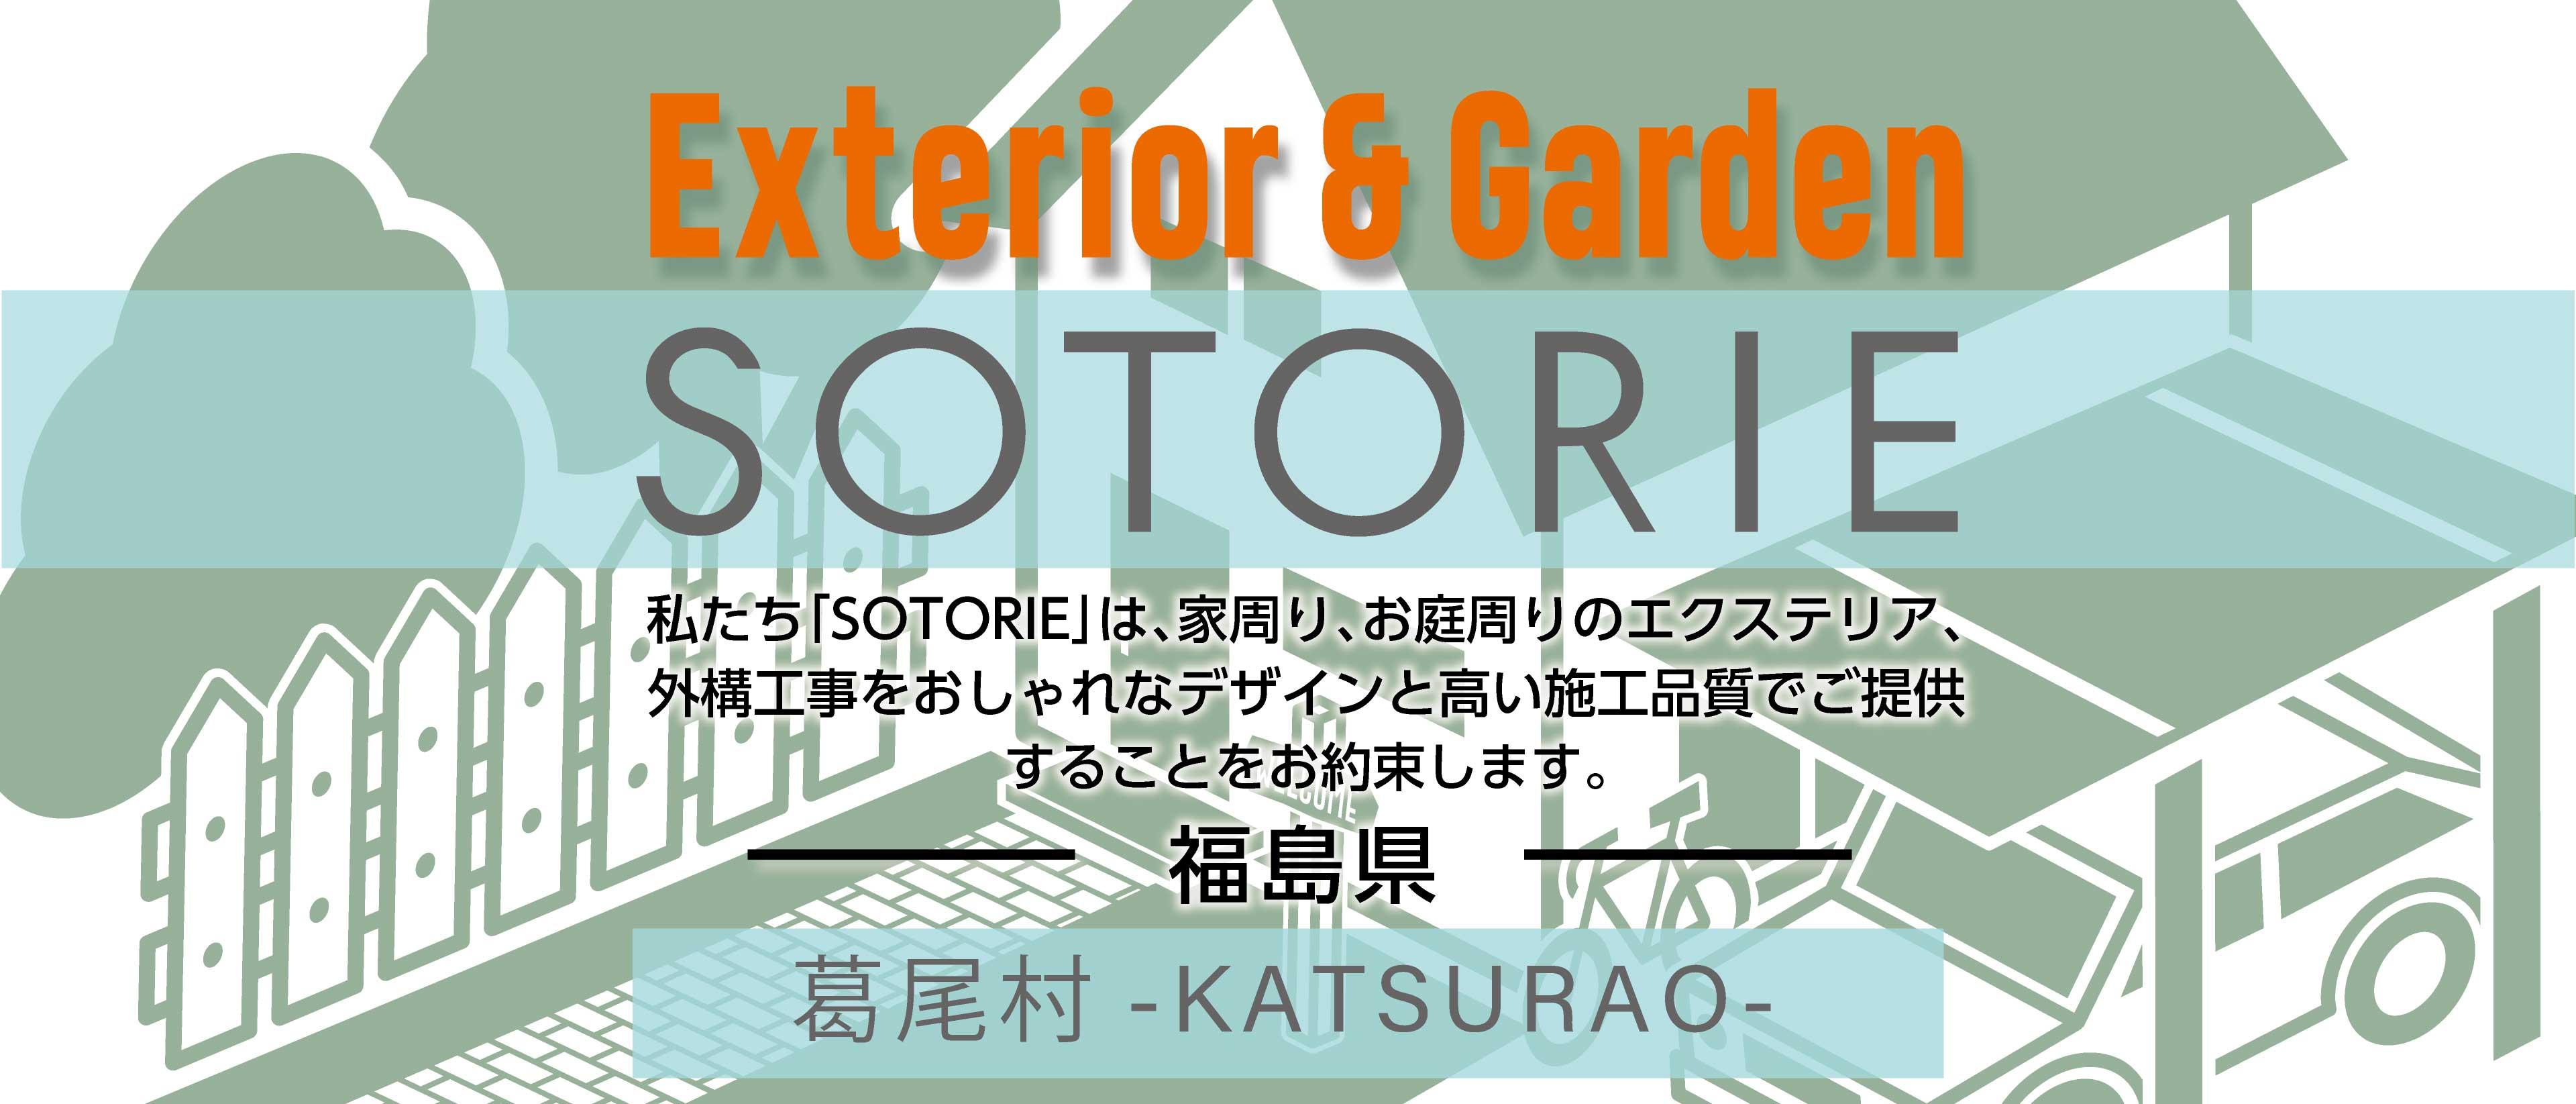 ソトリエ葛尾村では、家周りと庭周りの外構、エクステリア工事をおしゃれなデザインと高い施工品質でご提供することをお約束します。